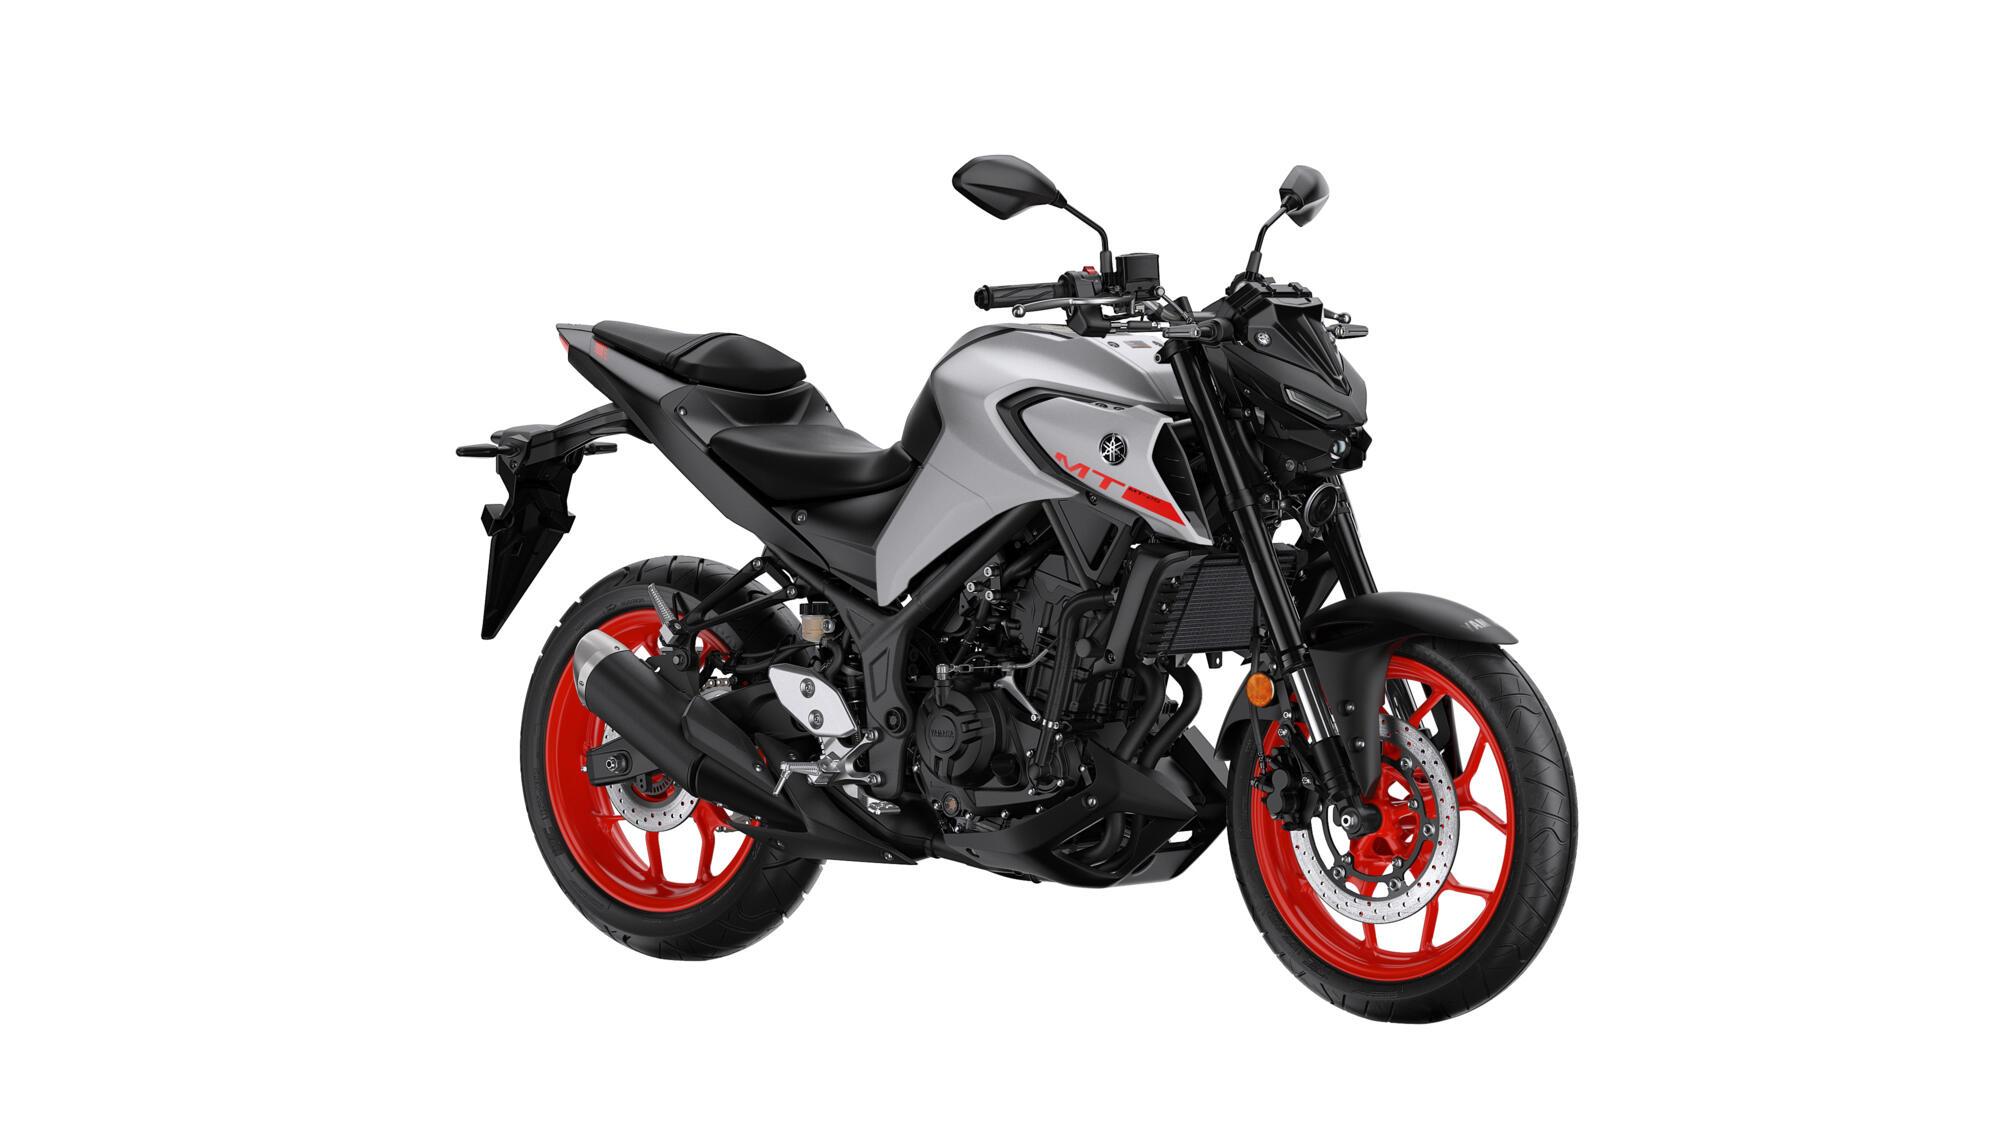 2020-Yamaha-MT250-EU-Ice_Fluo-Studio-001-03